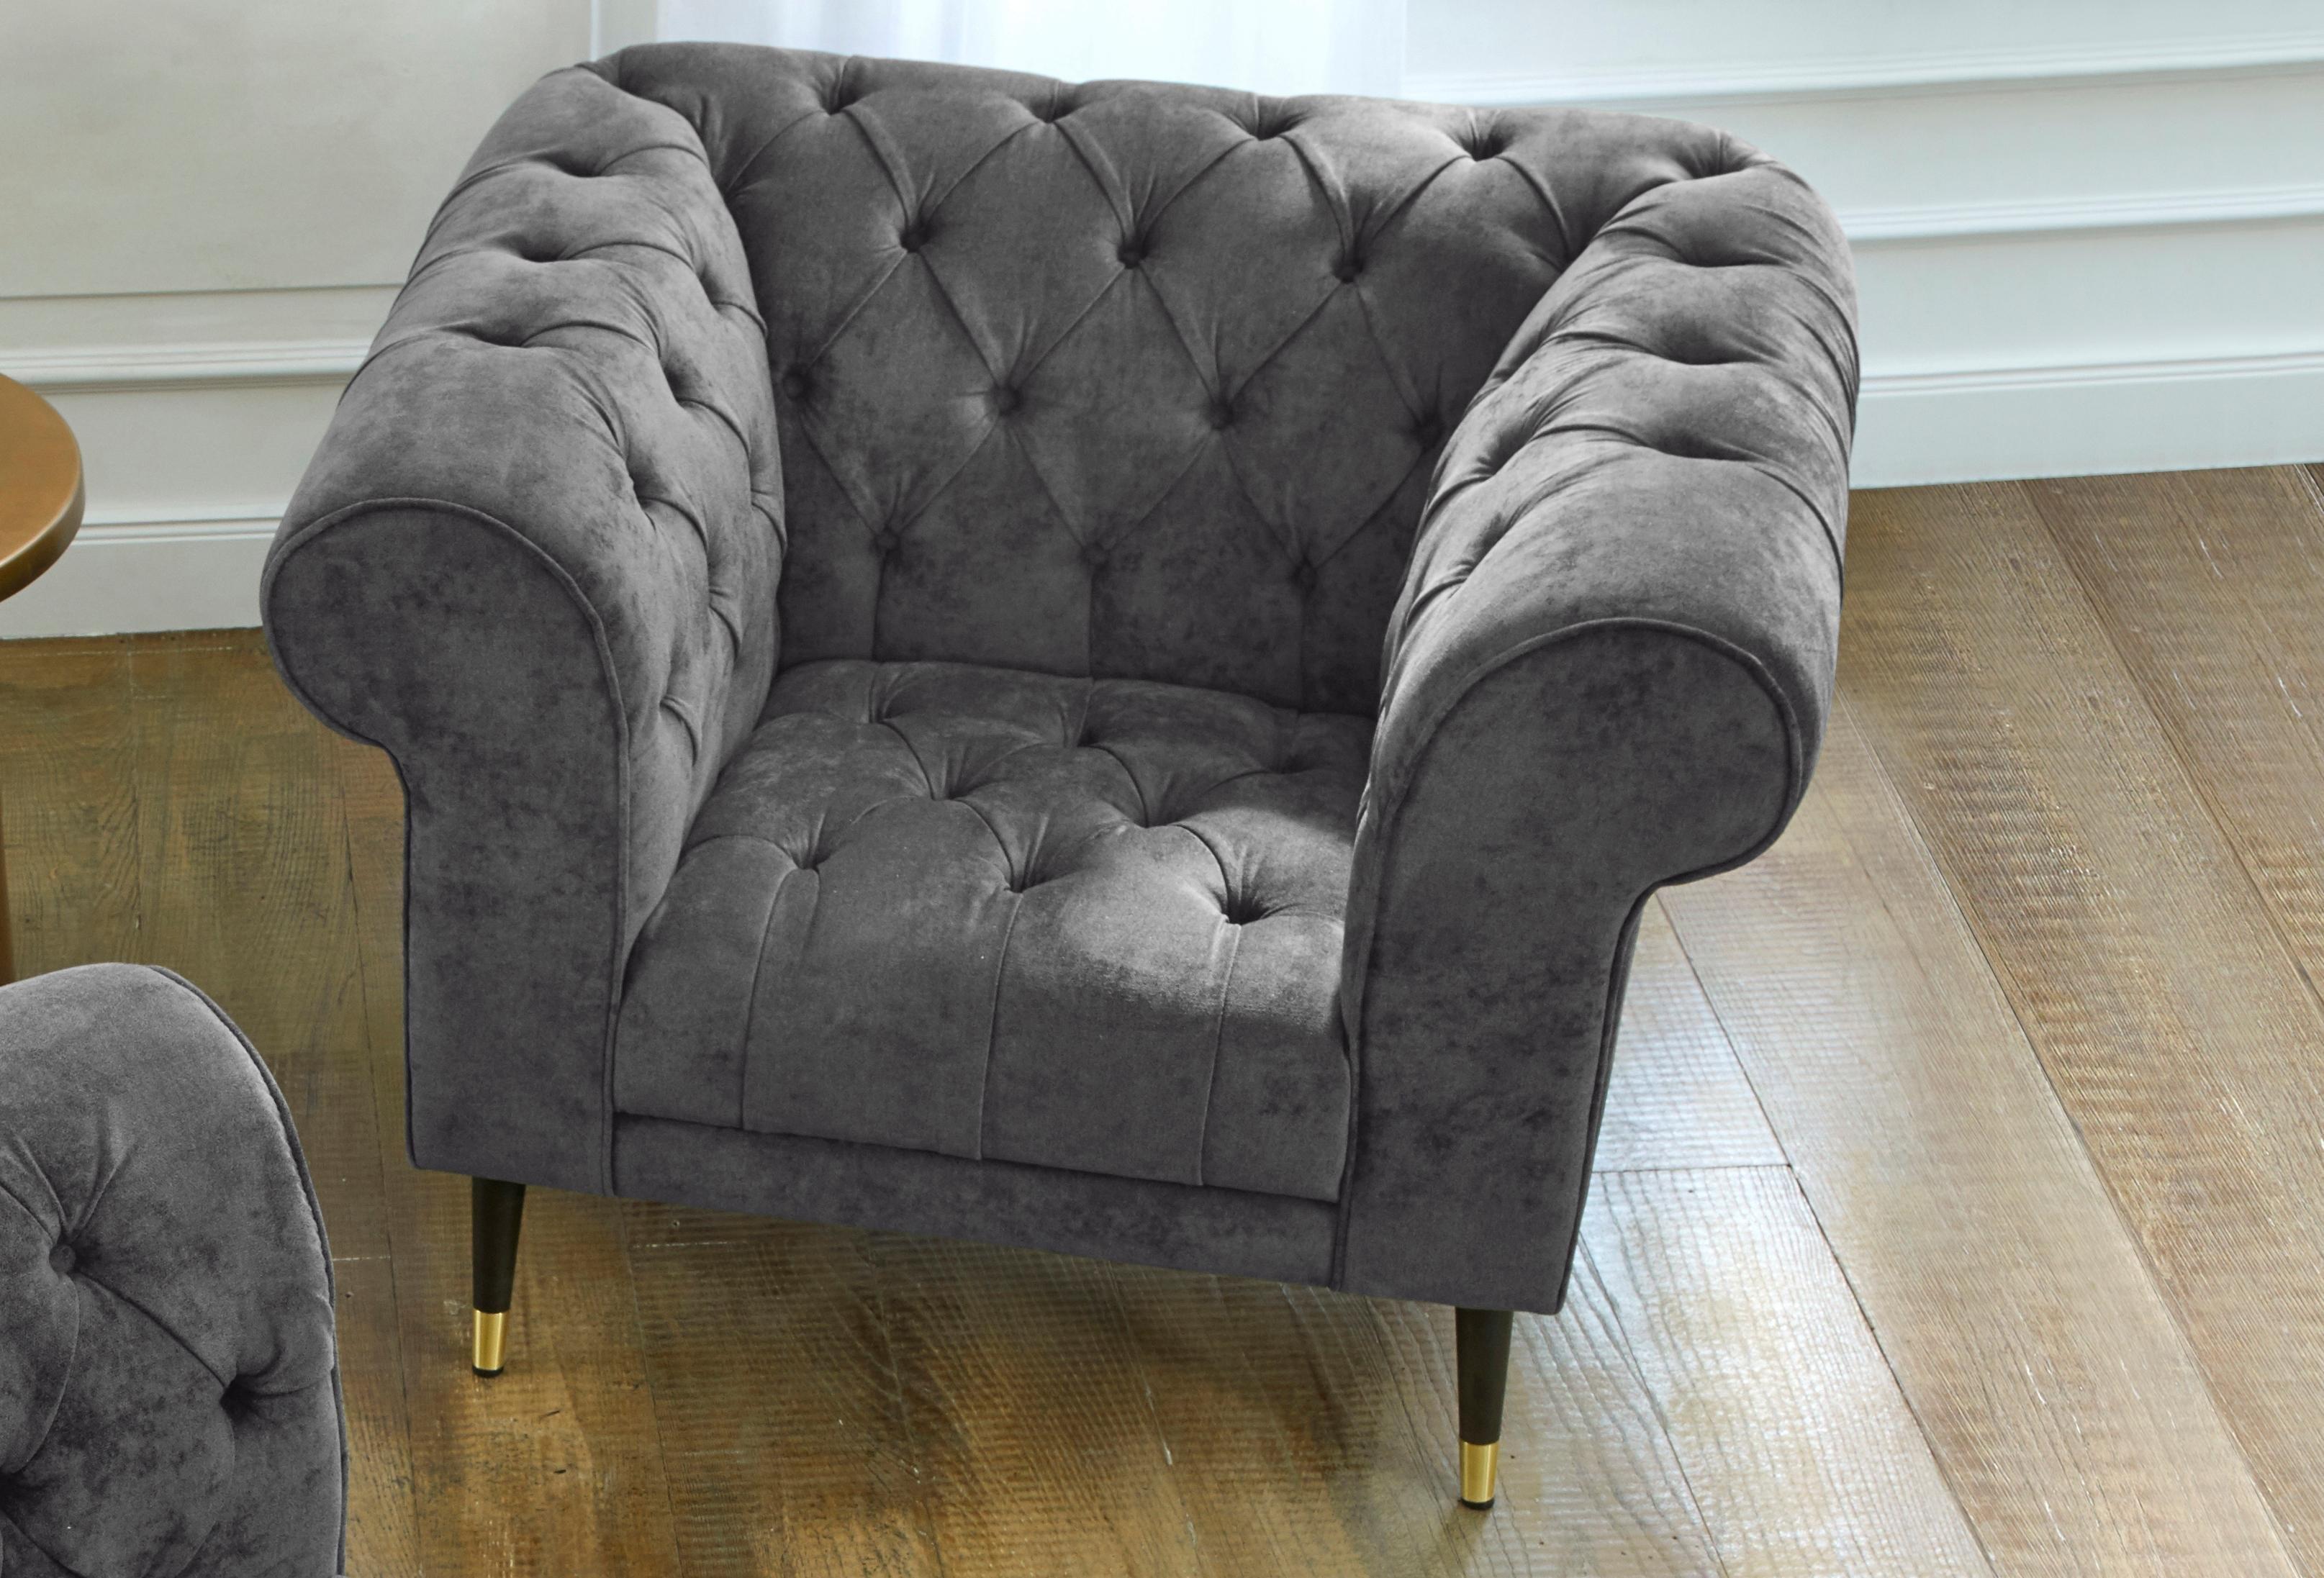 Guido Maria Kretschmer Home&living GMK Home & Living Chesterfield-fauteuil »Tinnum« bestellen: 30 dagen bedenktijd